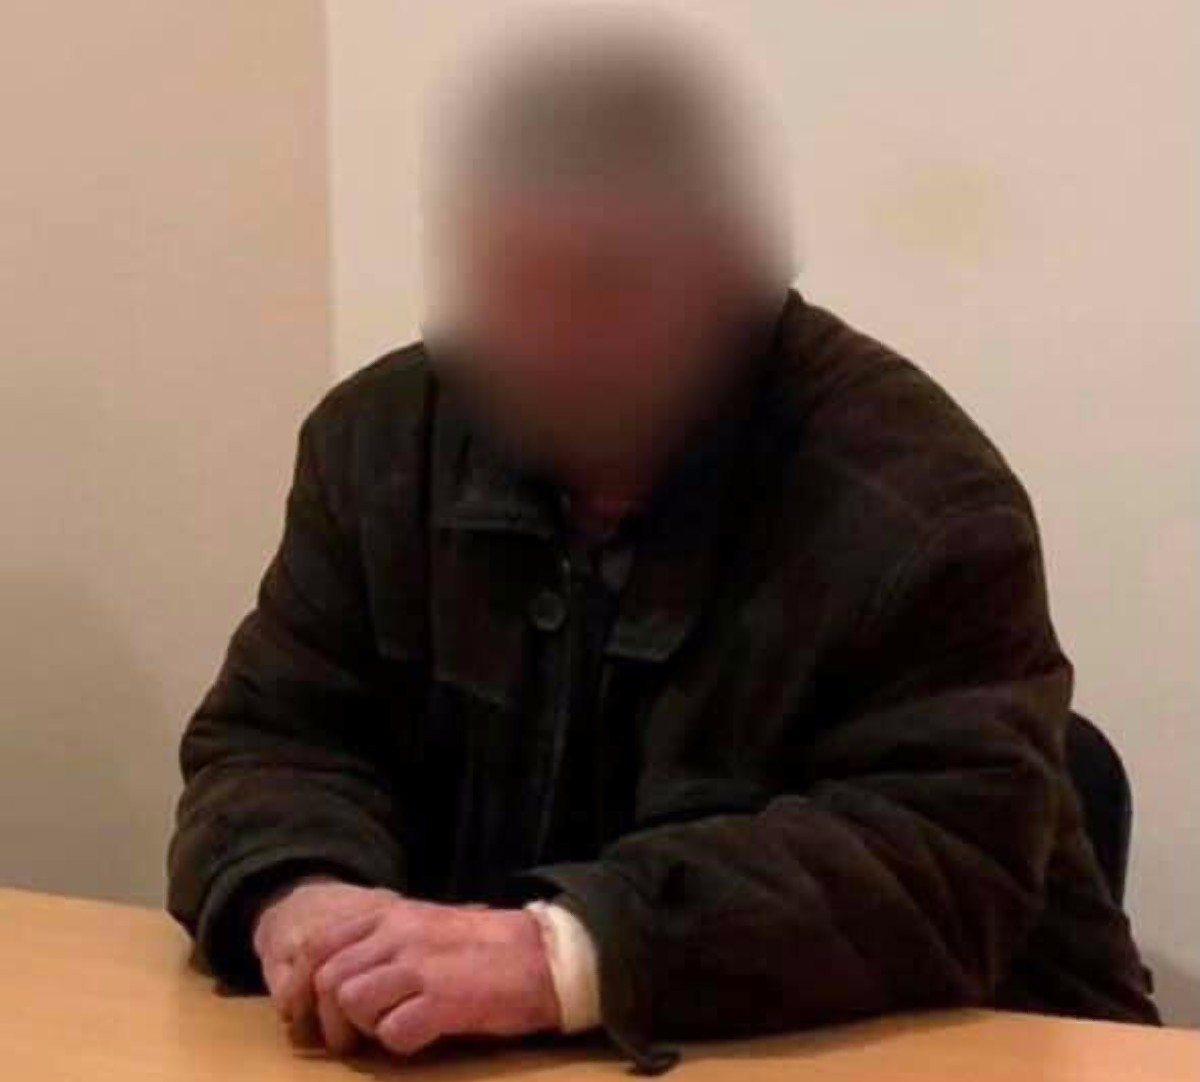 Херсон,Олешковский район,убийство,изнасилование